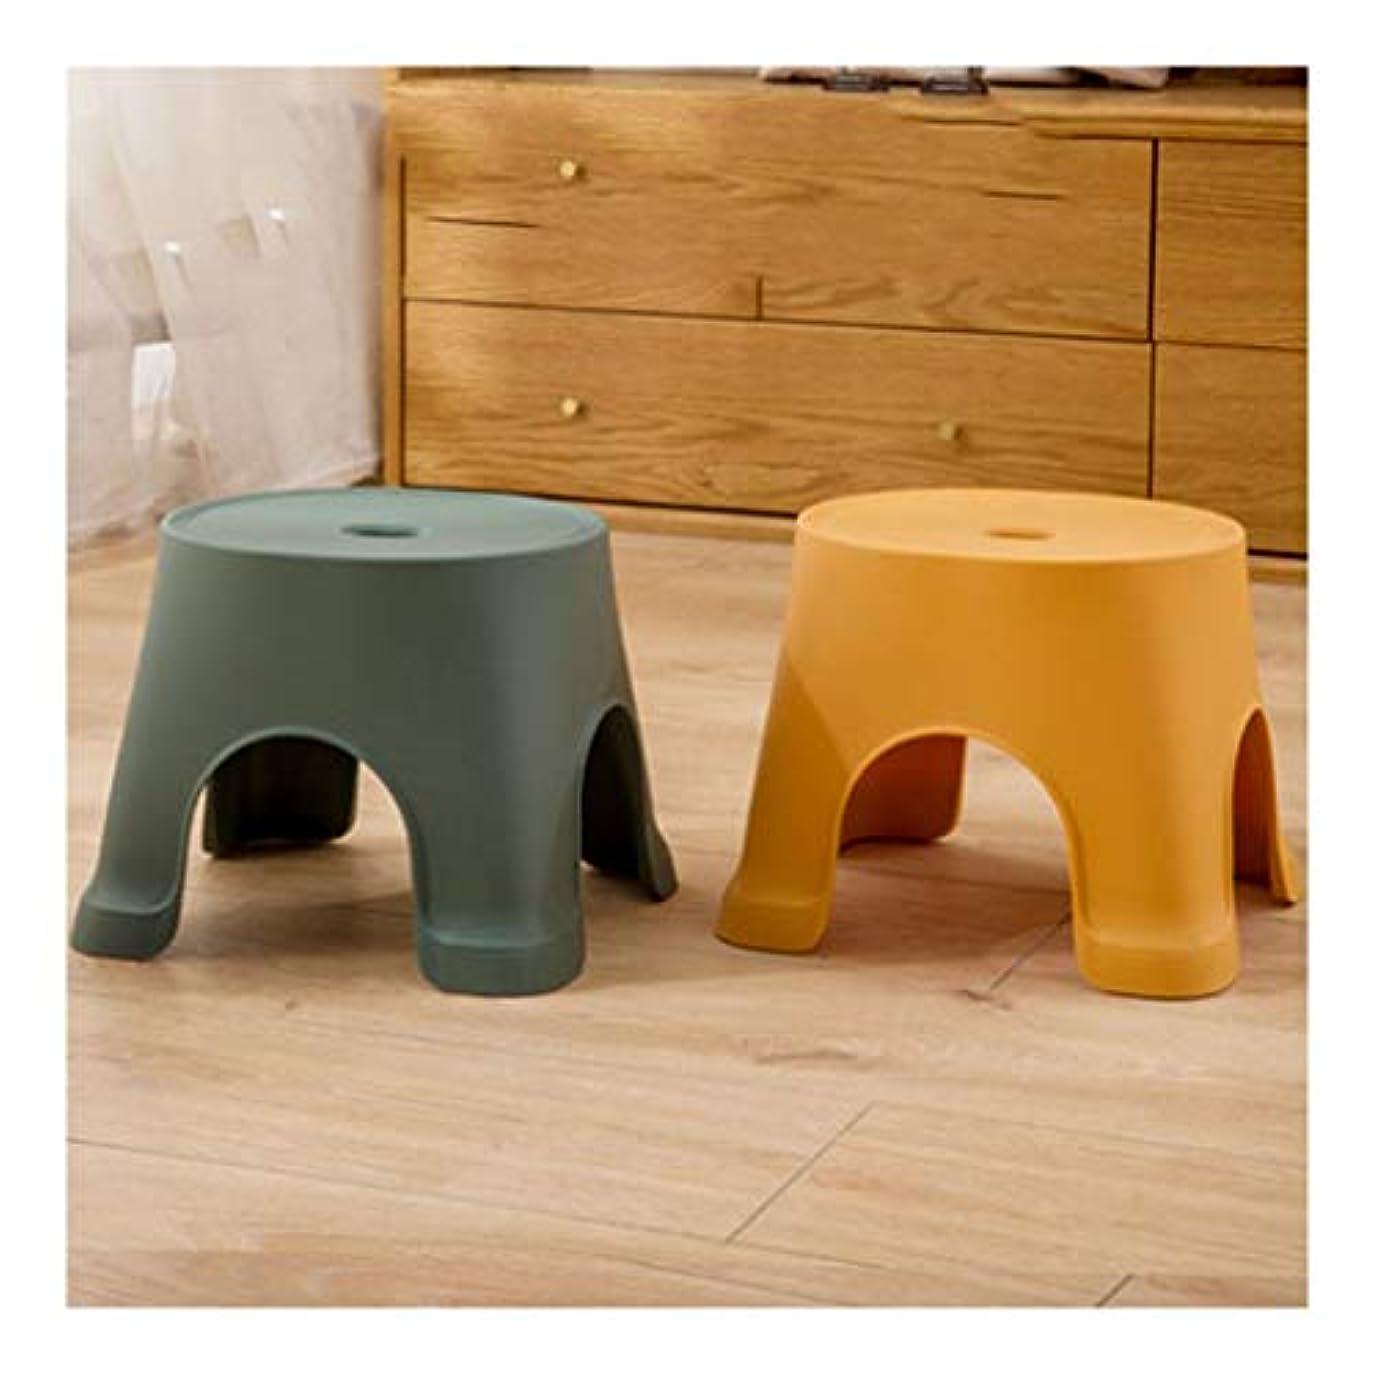 形成床朝ごはんプラスチック製のバススツール、滑り止めのバスルームフットマッサージチェア大人の高齢妊婦障害児の家庭用および商用のツーピーススーツ (Color : Green)